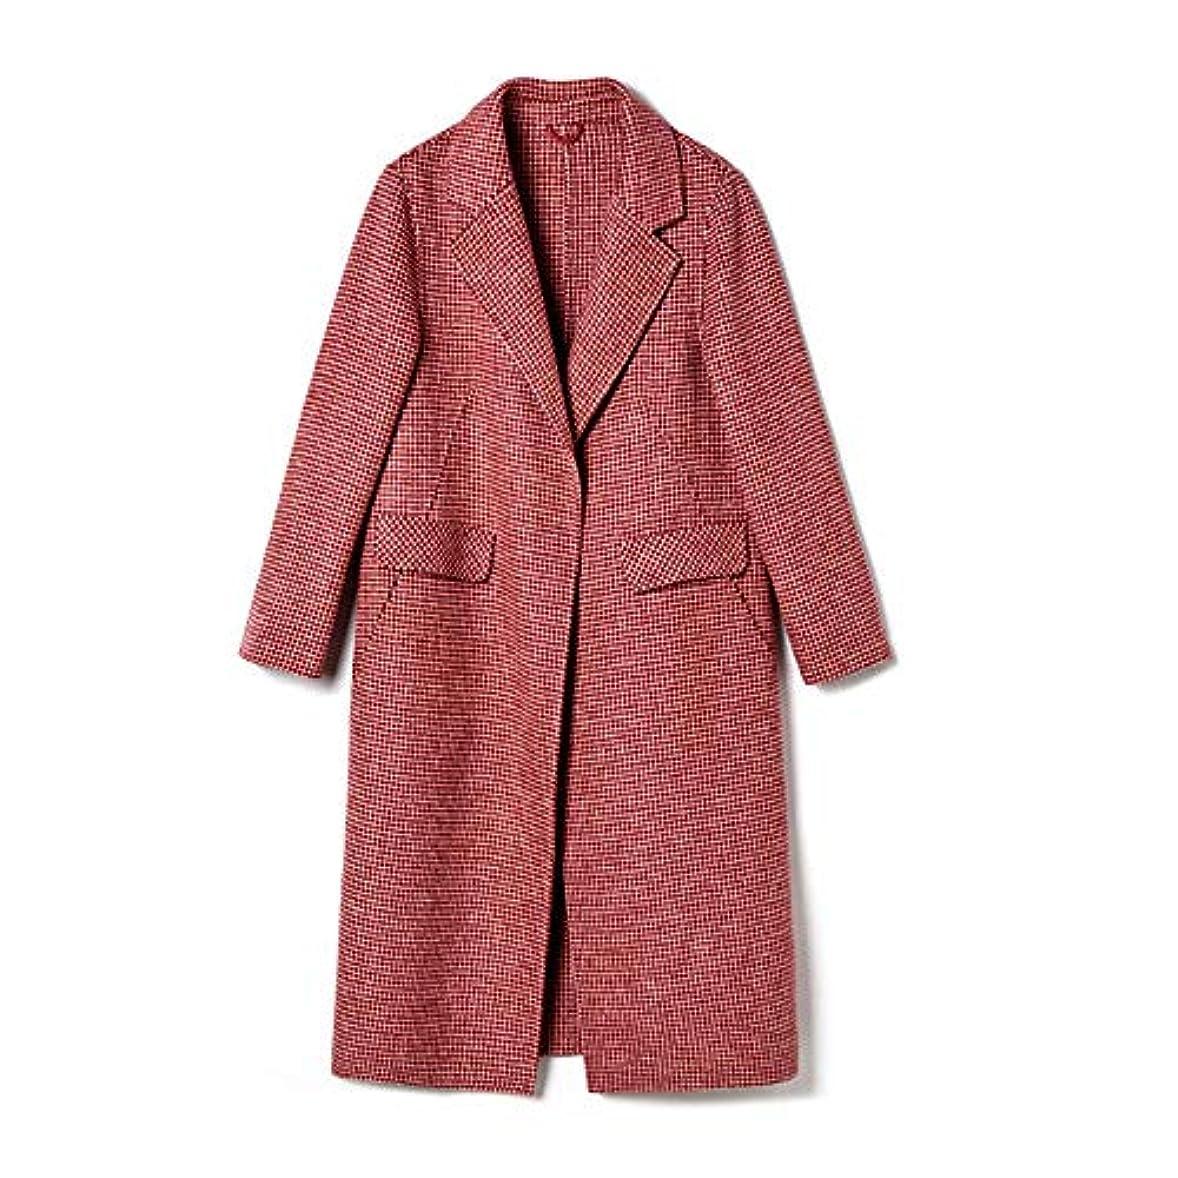 上に二次なくなる両面カシミヤのコート、長いセクションレディースコートレディースウインドブレーカージャケット女性の秋と冬人気のウールウールコート,M